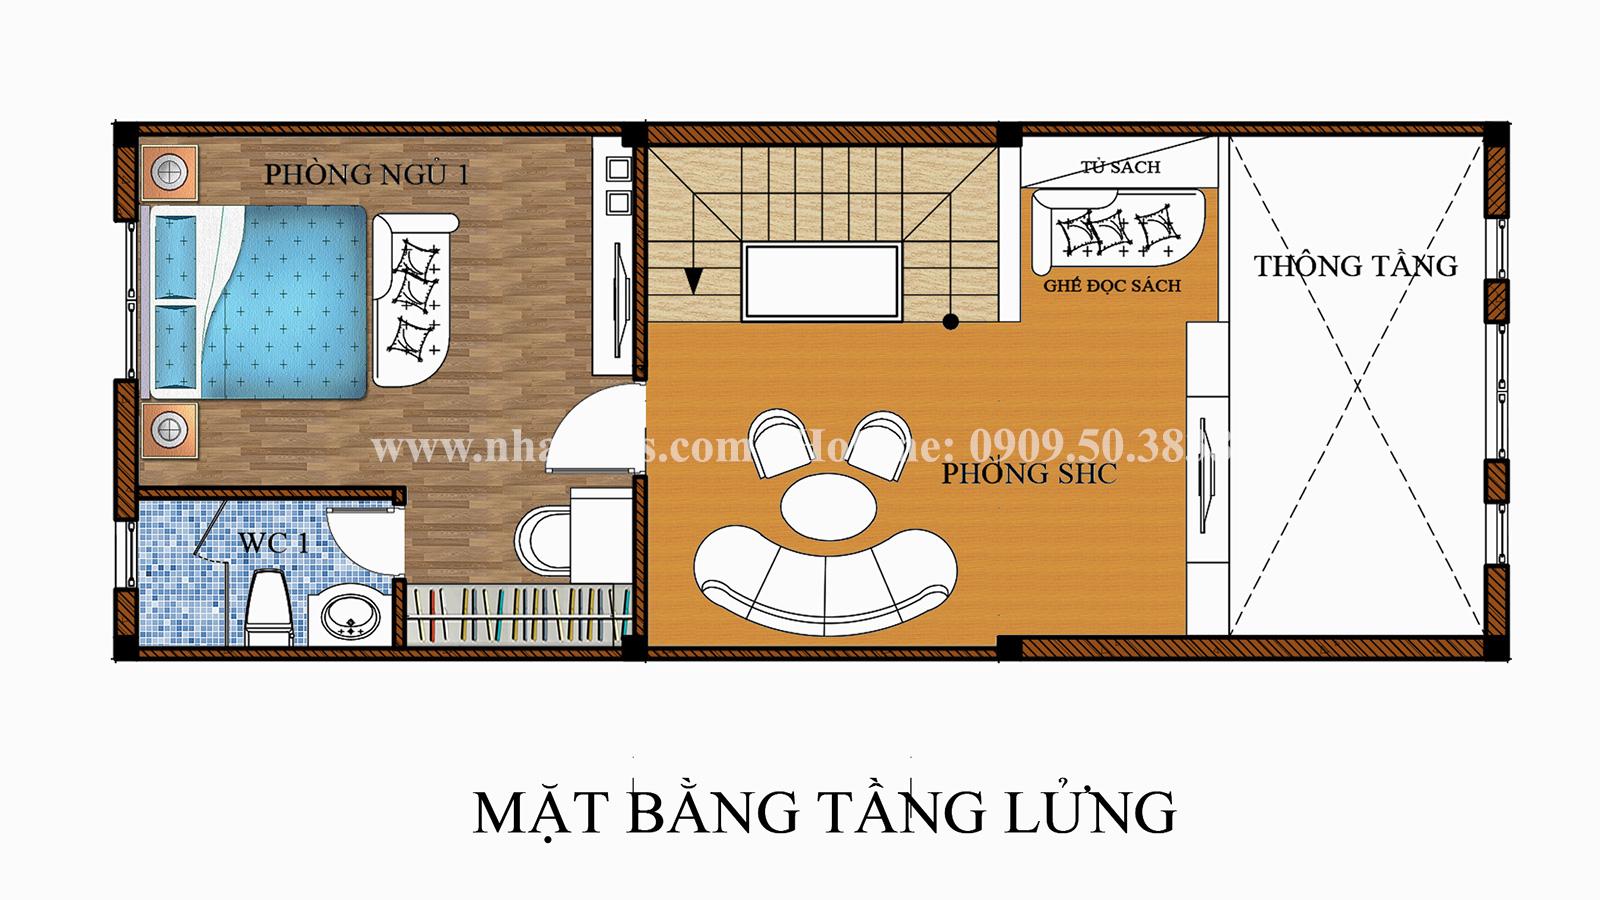 Tư vấn thiết kế mẫu nhà liền kề ở Bình Dương theo phong cách cổ điển - 07